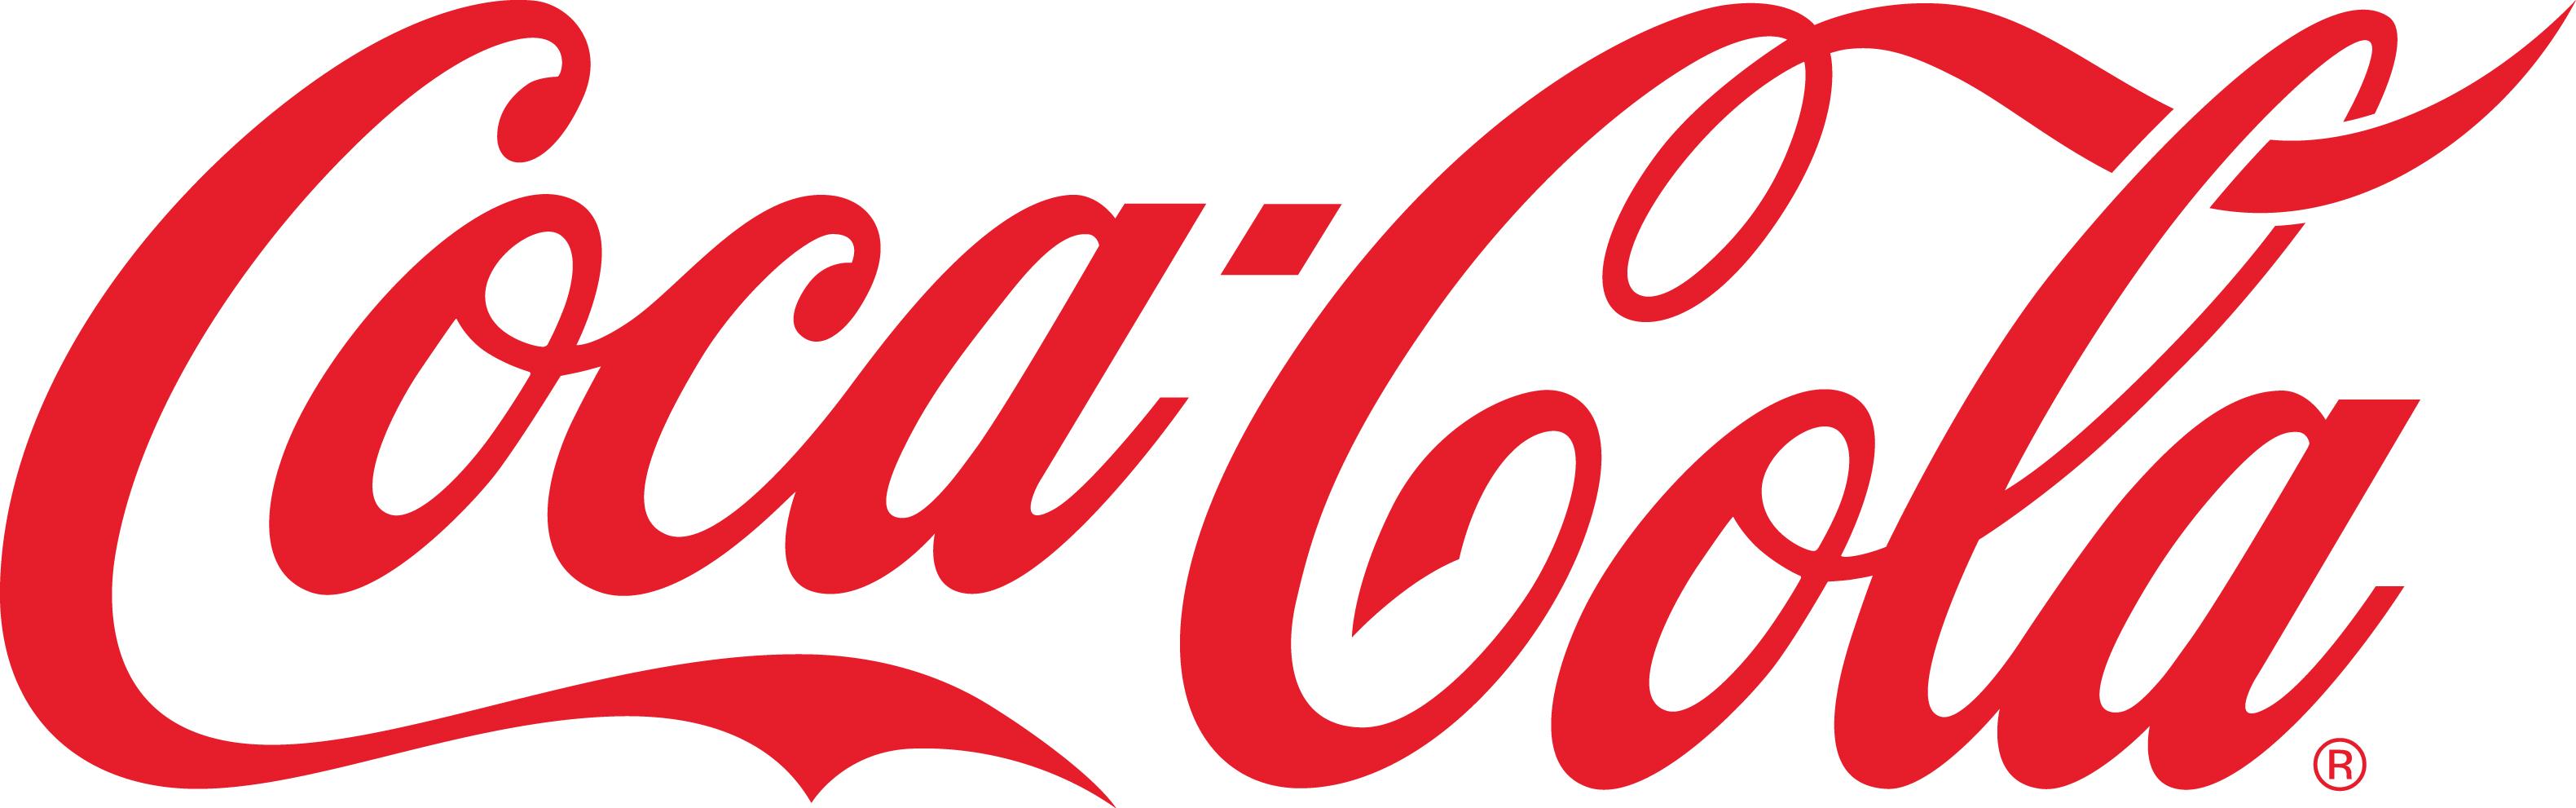 Coca Cola logo wallpapers HD